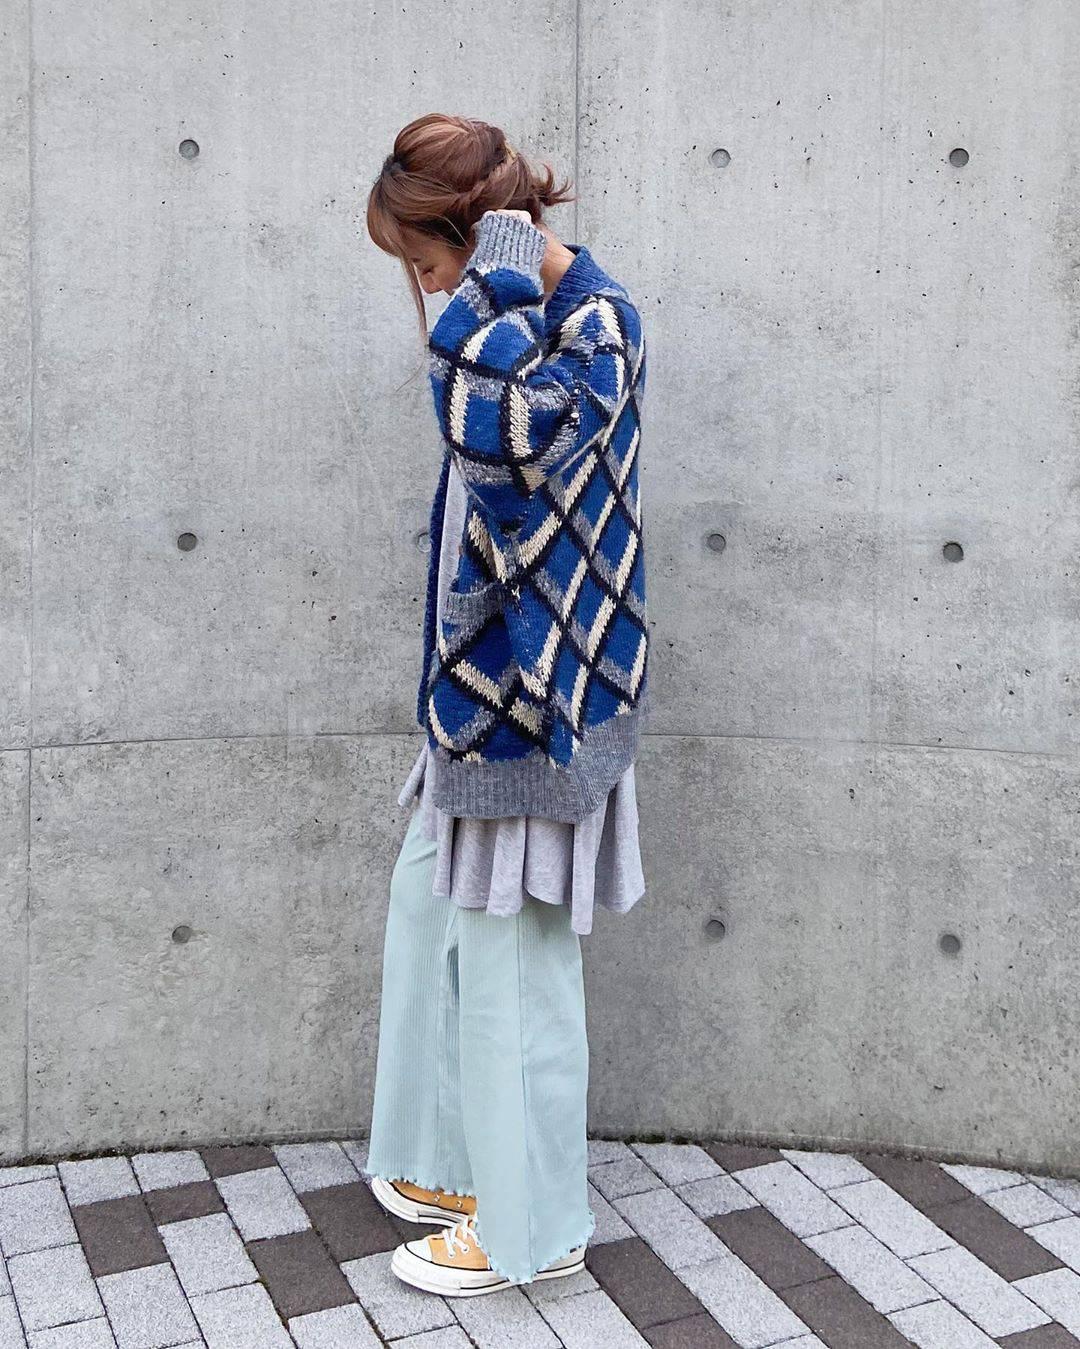 最高気温22度・最低気温6度 mk_kbys_の服装